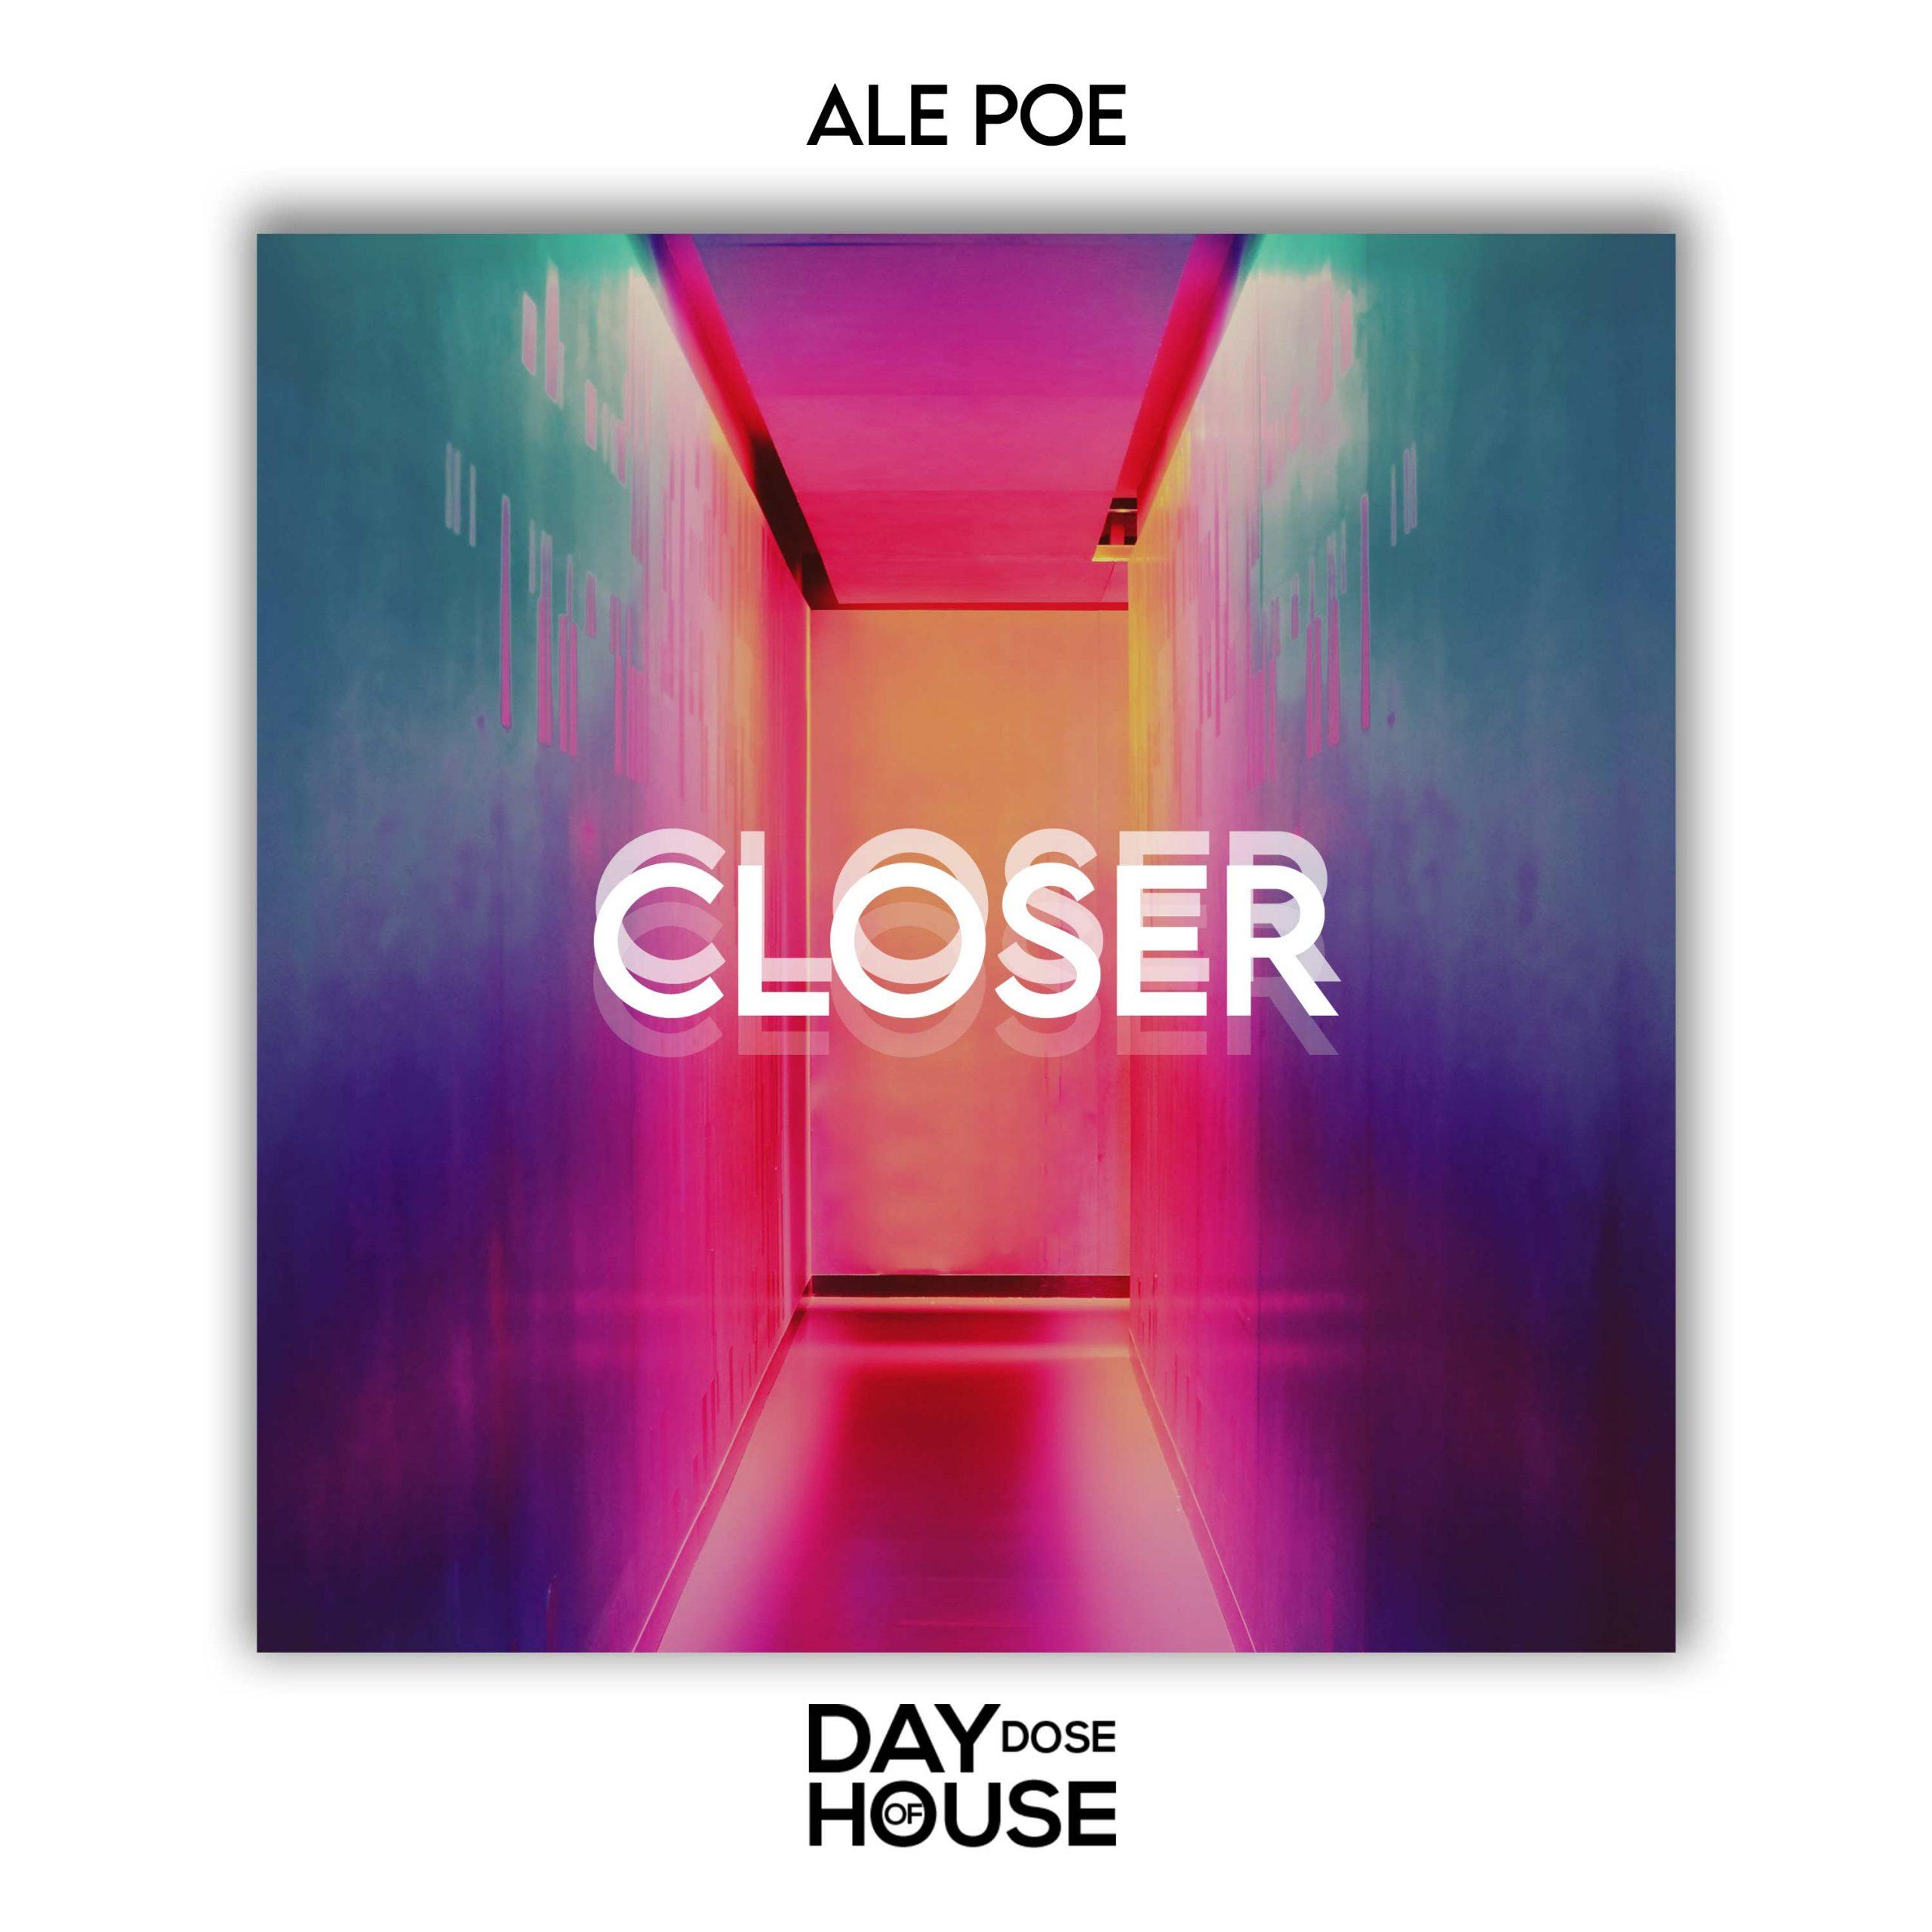 Ale Poe - Closer